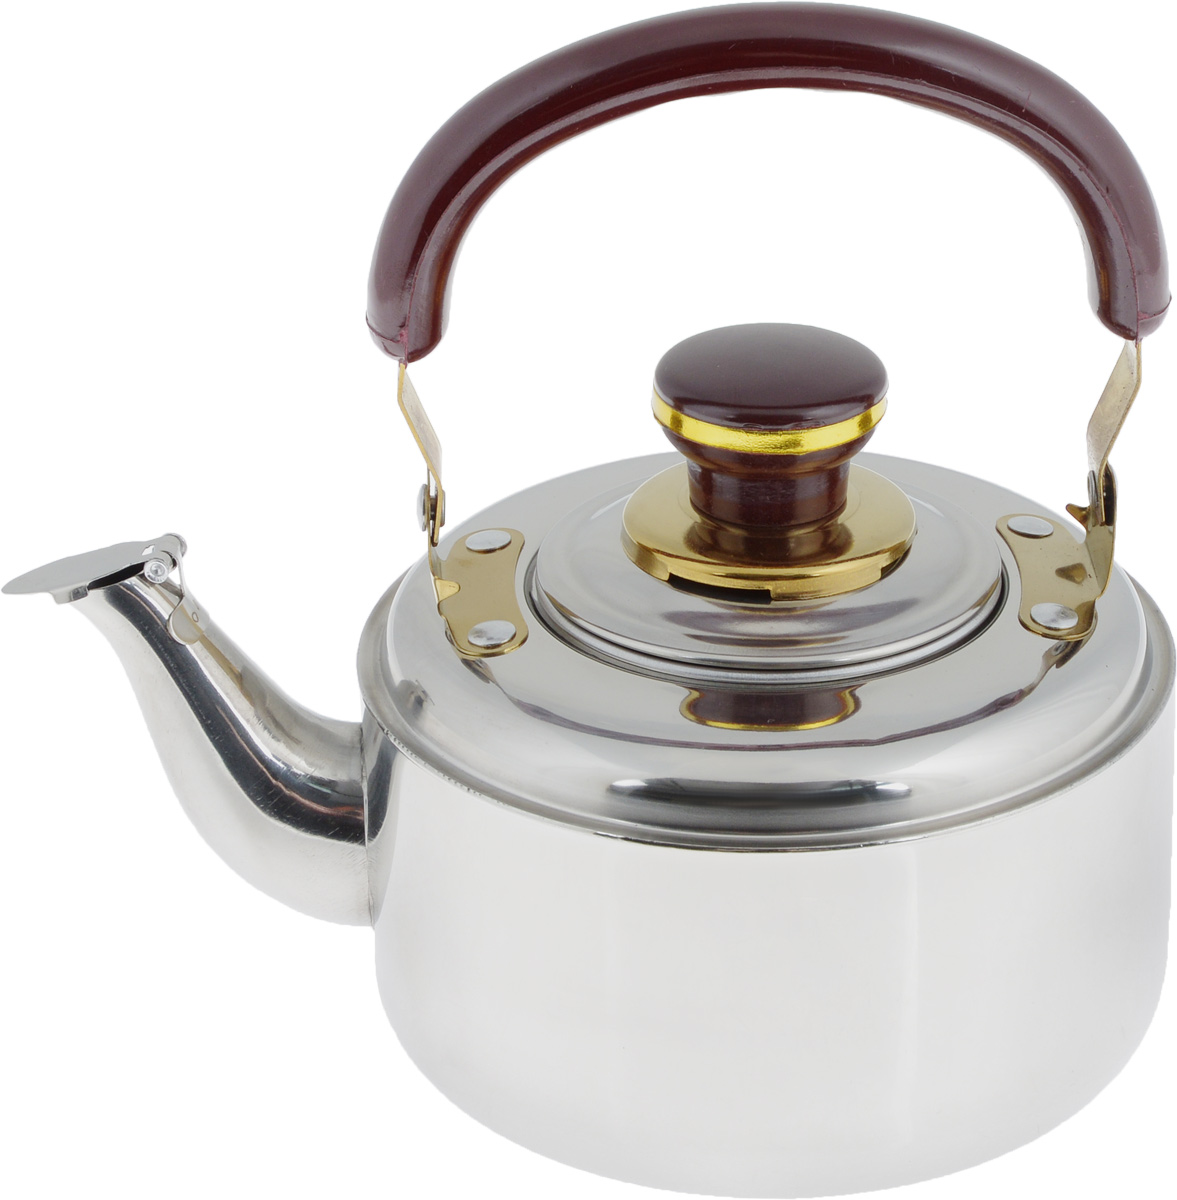 Чайник заварочный Mayer & Boch, со свистком, с фильтром, 1 л. 40054 009305Заварочный чайник Mayer & Boch выполнен из высококачественной нержавеющей стали, что обеспечивает долговечность использования. Внешнее зеркальное покрытие придает приятный внешний вид. Бакелитовая ручка делает использование чайника очень удобным и безопасным. Крышка оснащена свистком, что позволит вамконтролировать процесс подогреваили кипячения воды. Чайник оснащен фильтром, с помощью которого можно заваривать ваш любимый чай.Можно мыть в посудомоечной машине. Пригоден для газовых, электрических и стеклокерамических плит, кроме индукционных. Диаметр чайника по верхнему краю: 7 см. Высота чайника (без учета крышки и ручки): 8,5 см. Высота чайника (с учетом крышки и ручки): 18 см. Размер фильтра: 7,5 х 7,5 х 5,5 см.